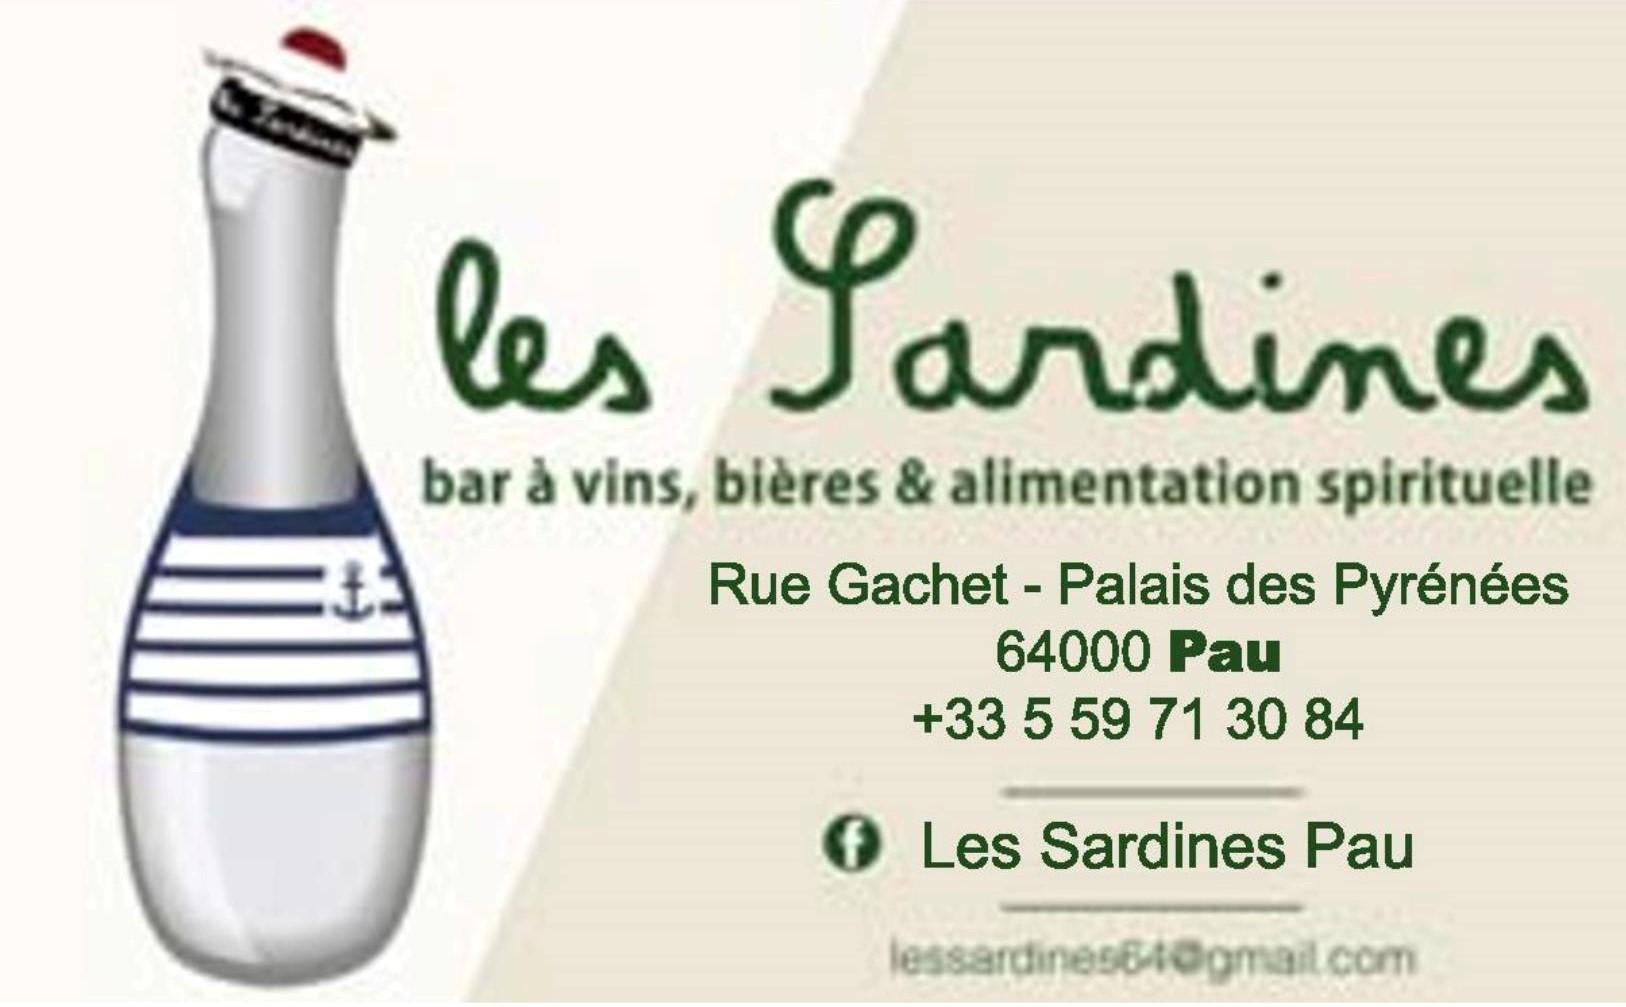 Les sardines-page-001 - Copie2 (2)